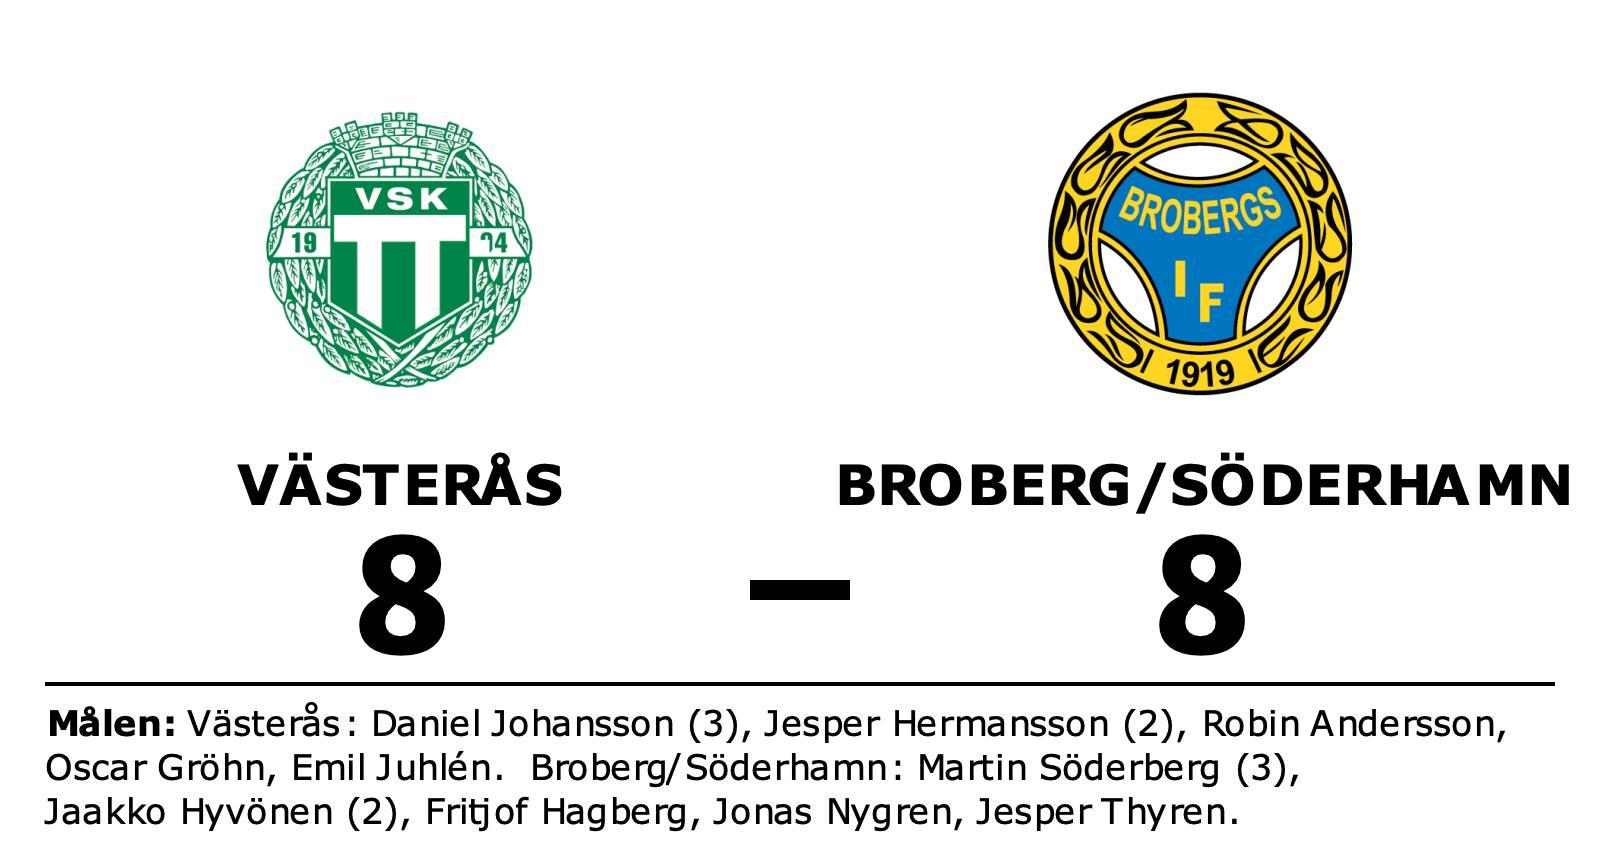 Västerås lyfte sig i andra och fixade kryss hemma mot Broberg/Söderhamn